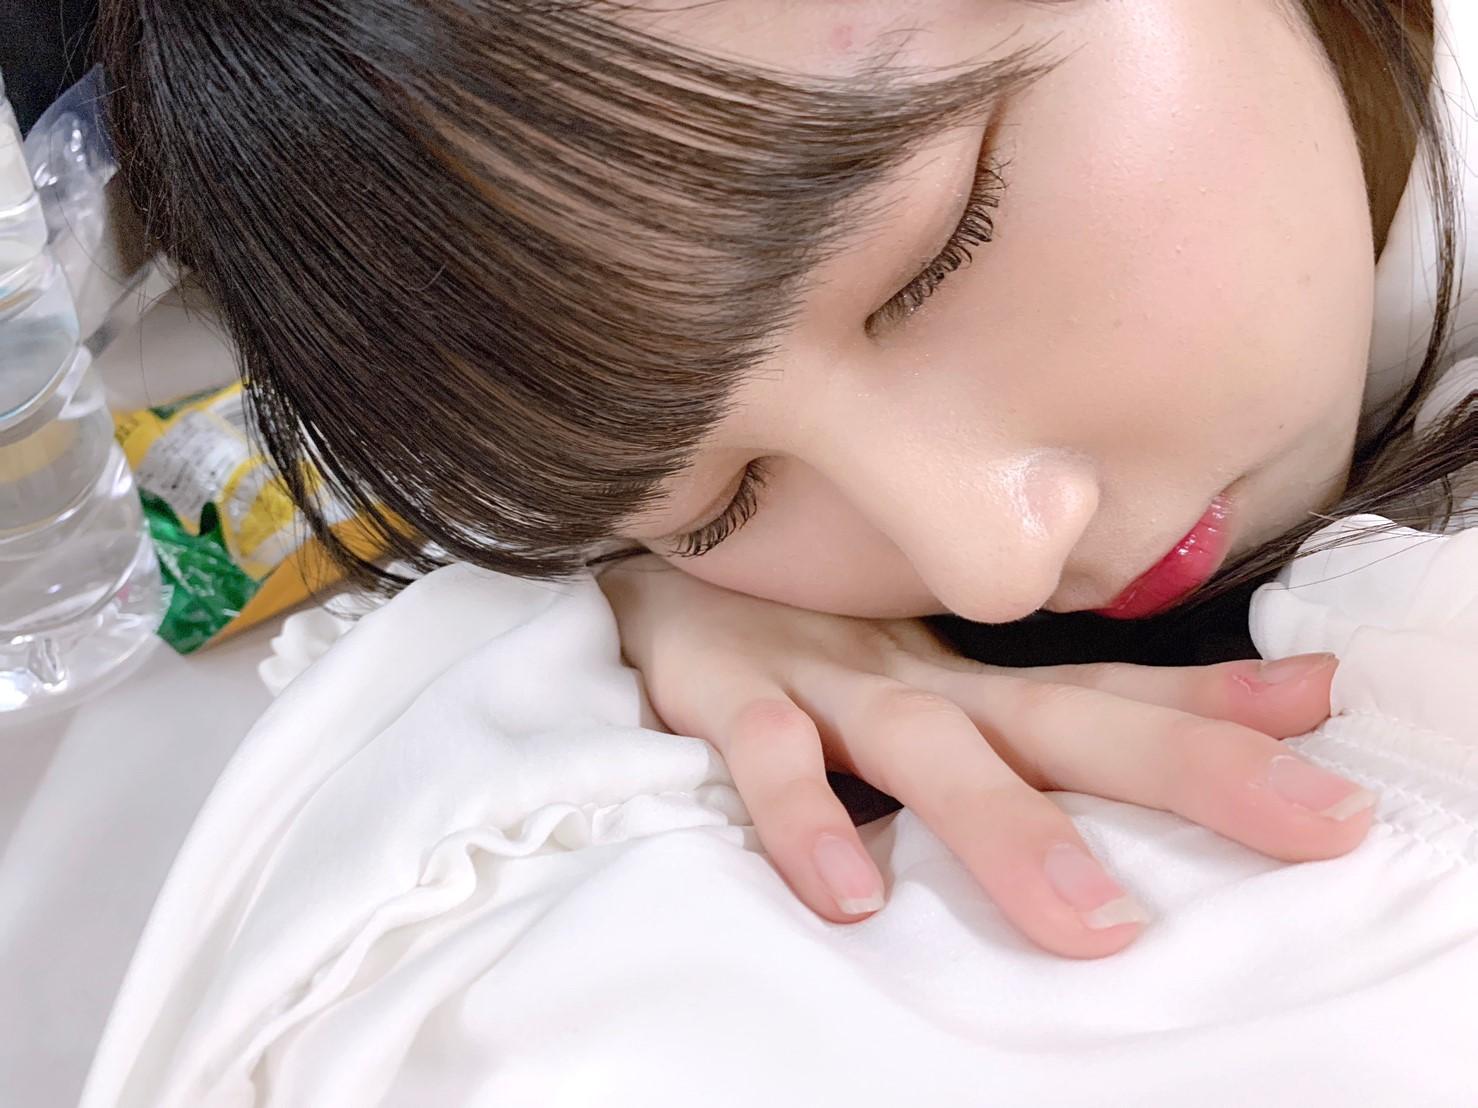 いつもリーダー、お疲れ様!ゆっくり休んでね、おやすみなさい。